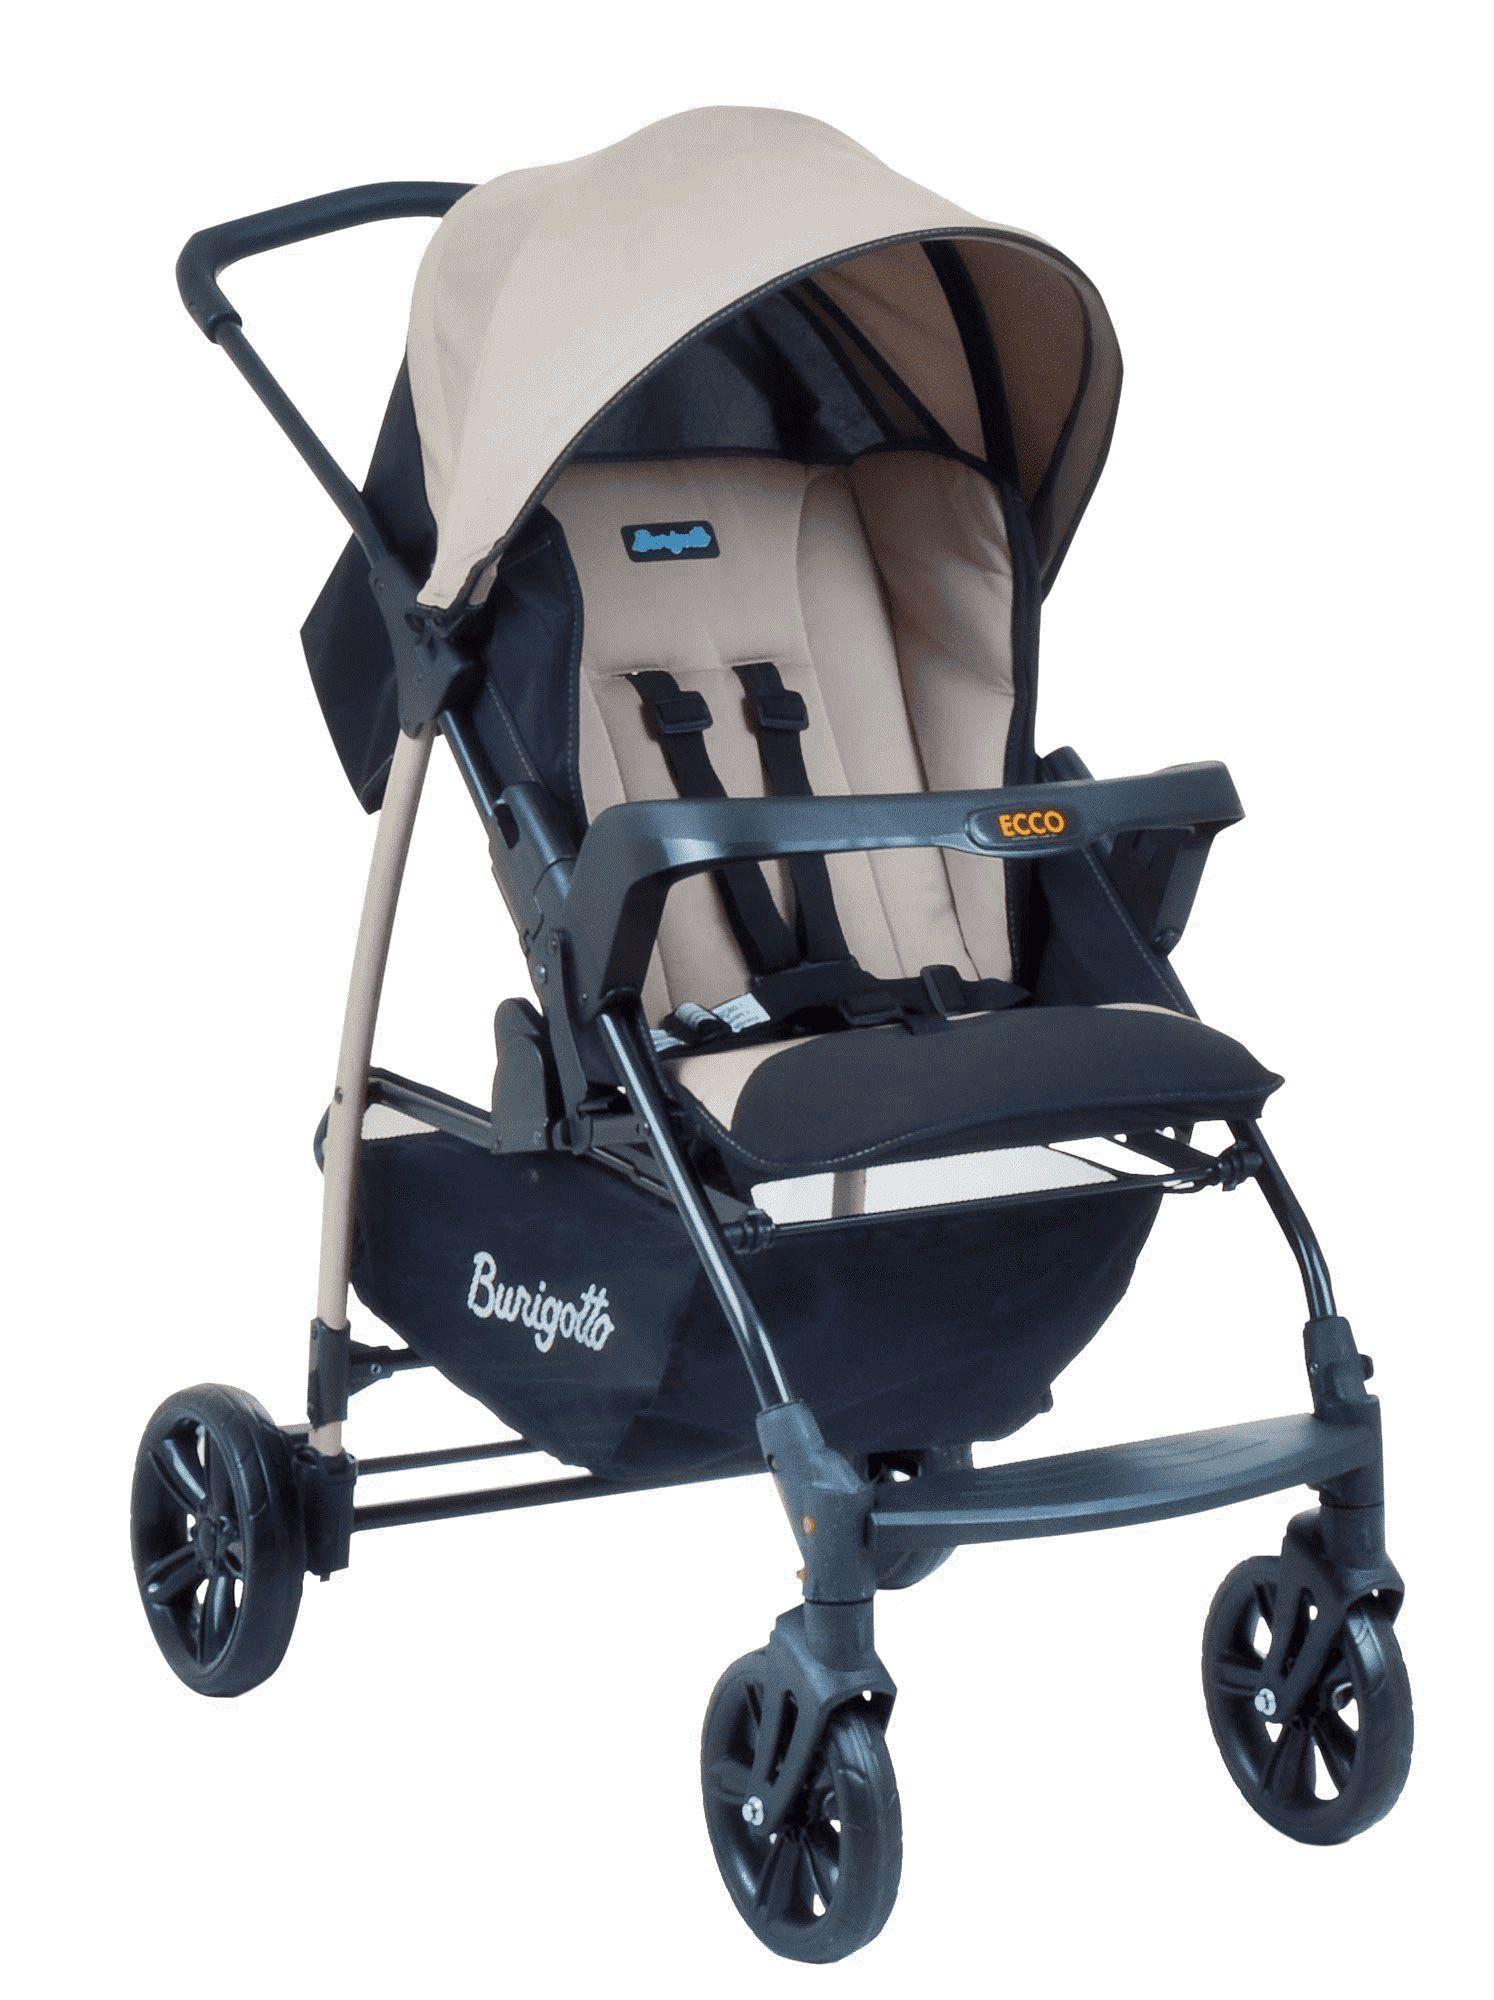 Carrinho de Bebê Ecco - Burigotto